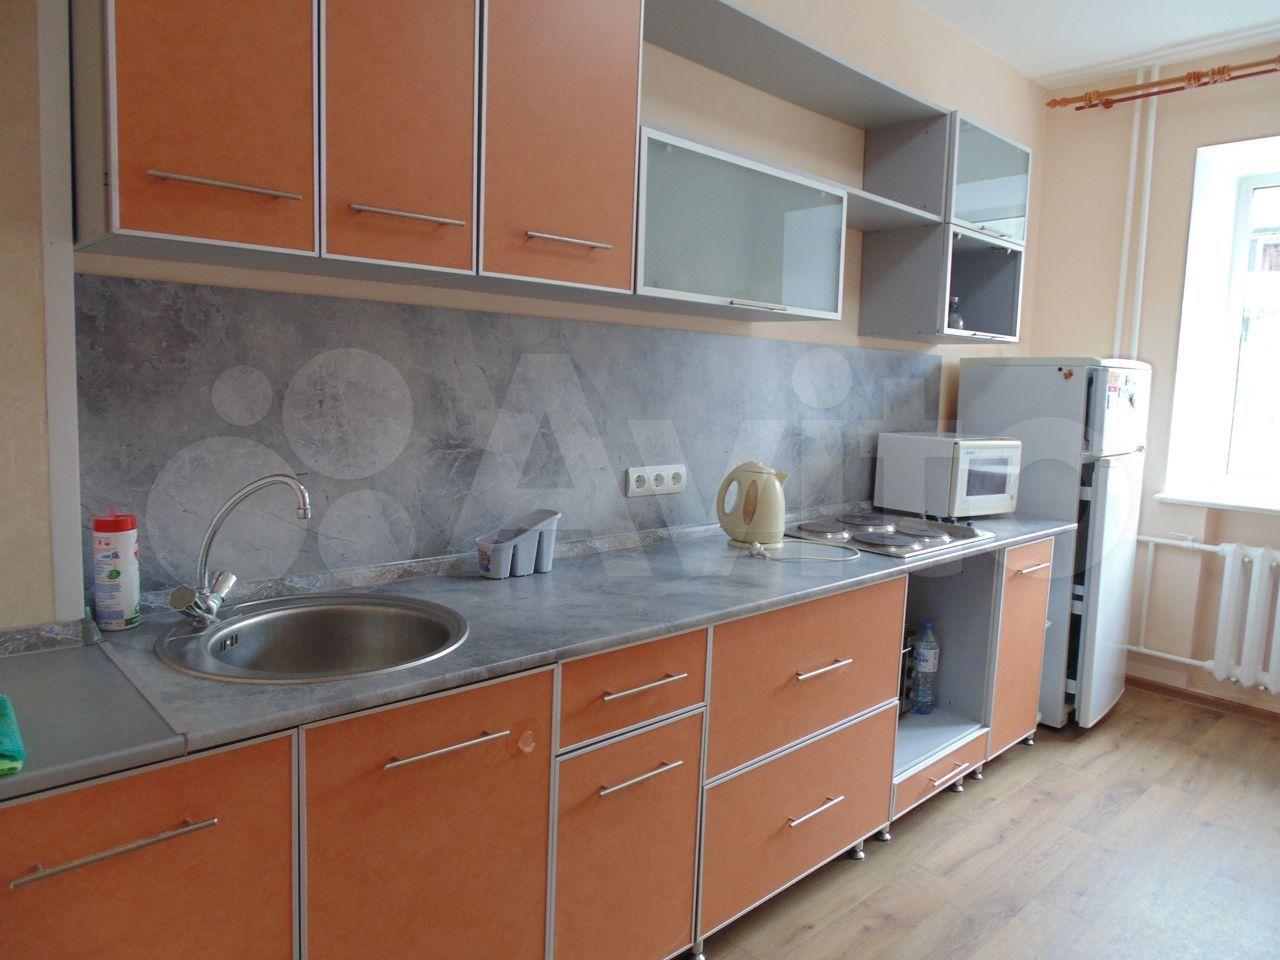 1-к квартира, 44 м², 8/10 эт.